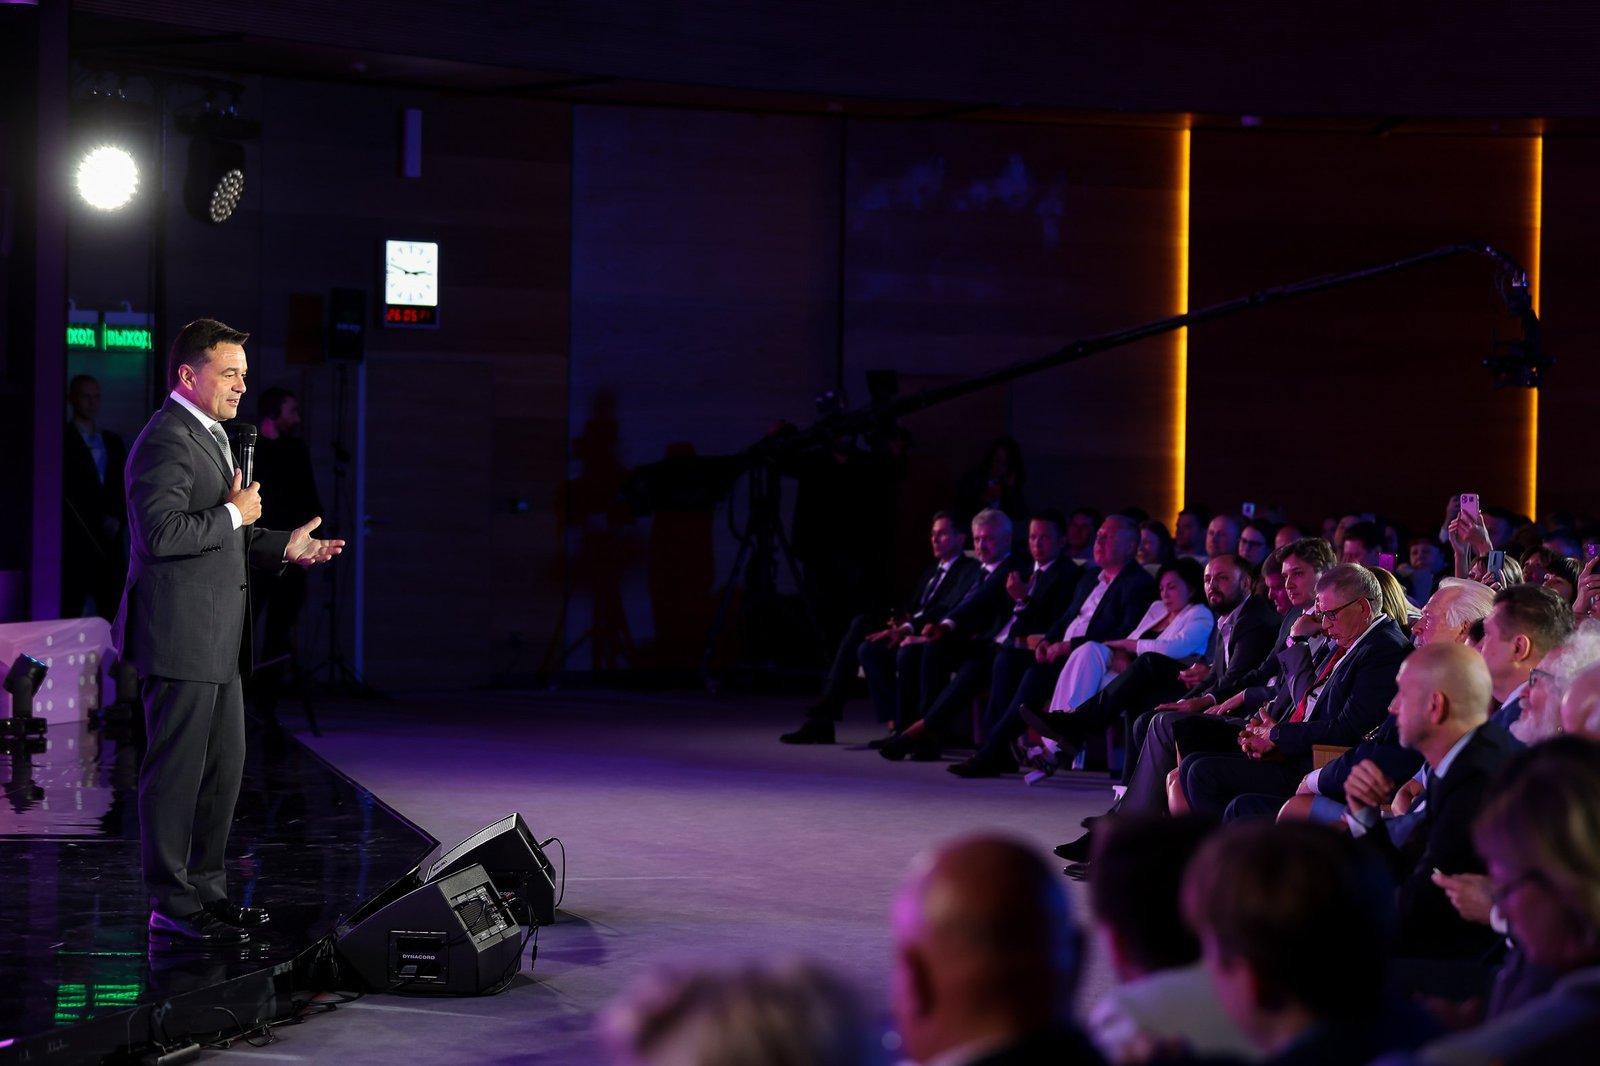 Андрей Воробьев губернатор московской области - «Медиана» для всех форм журналистики: в Подмосковье наградили блогеров и представителей СМИ